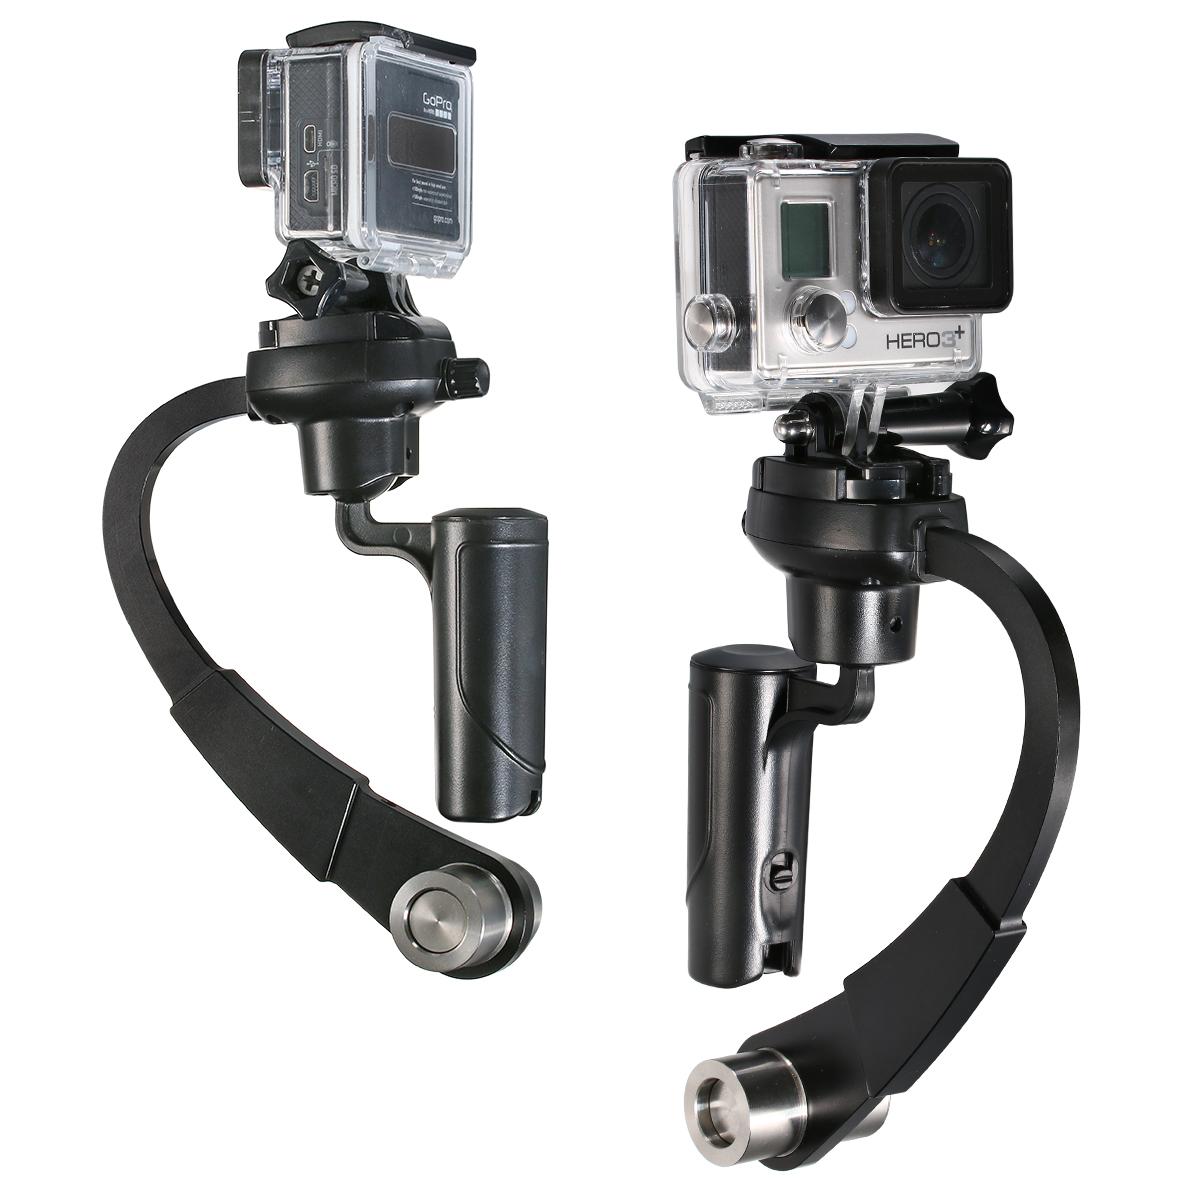 Mini Handheld Stabilizer Video For Gopro Hero 4/3+/3/2 sj4000 OS247(China (Mainland))